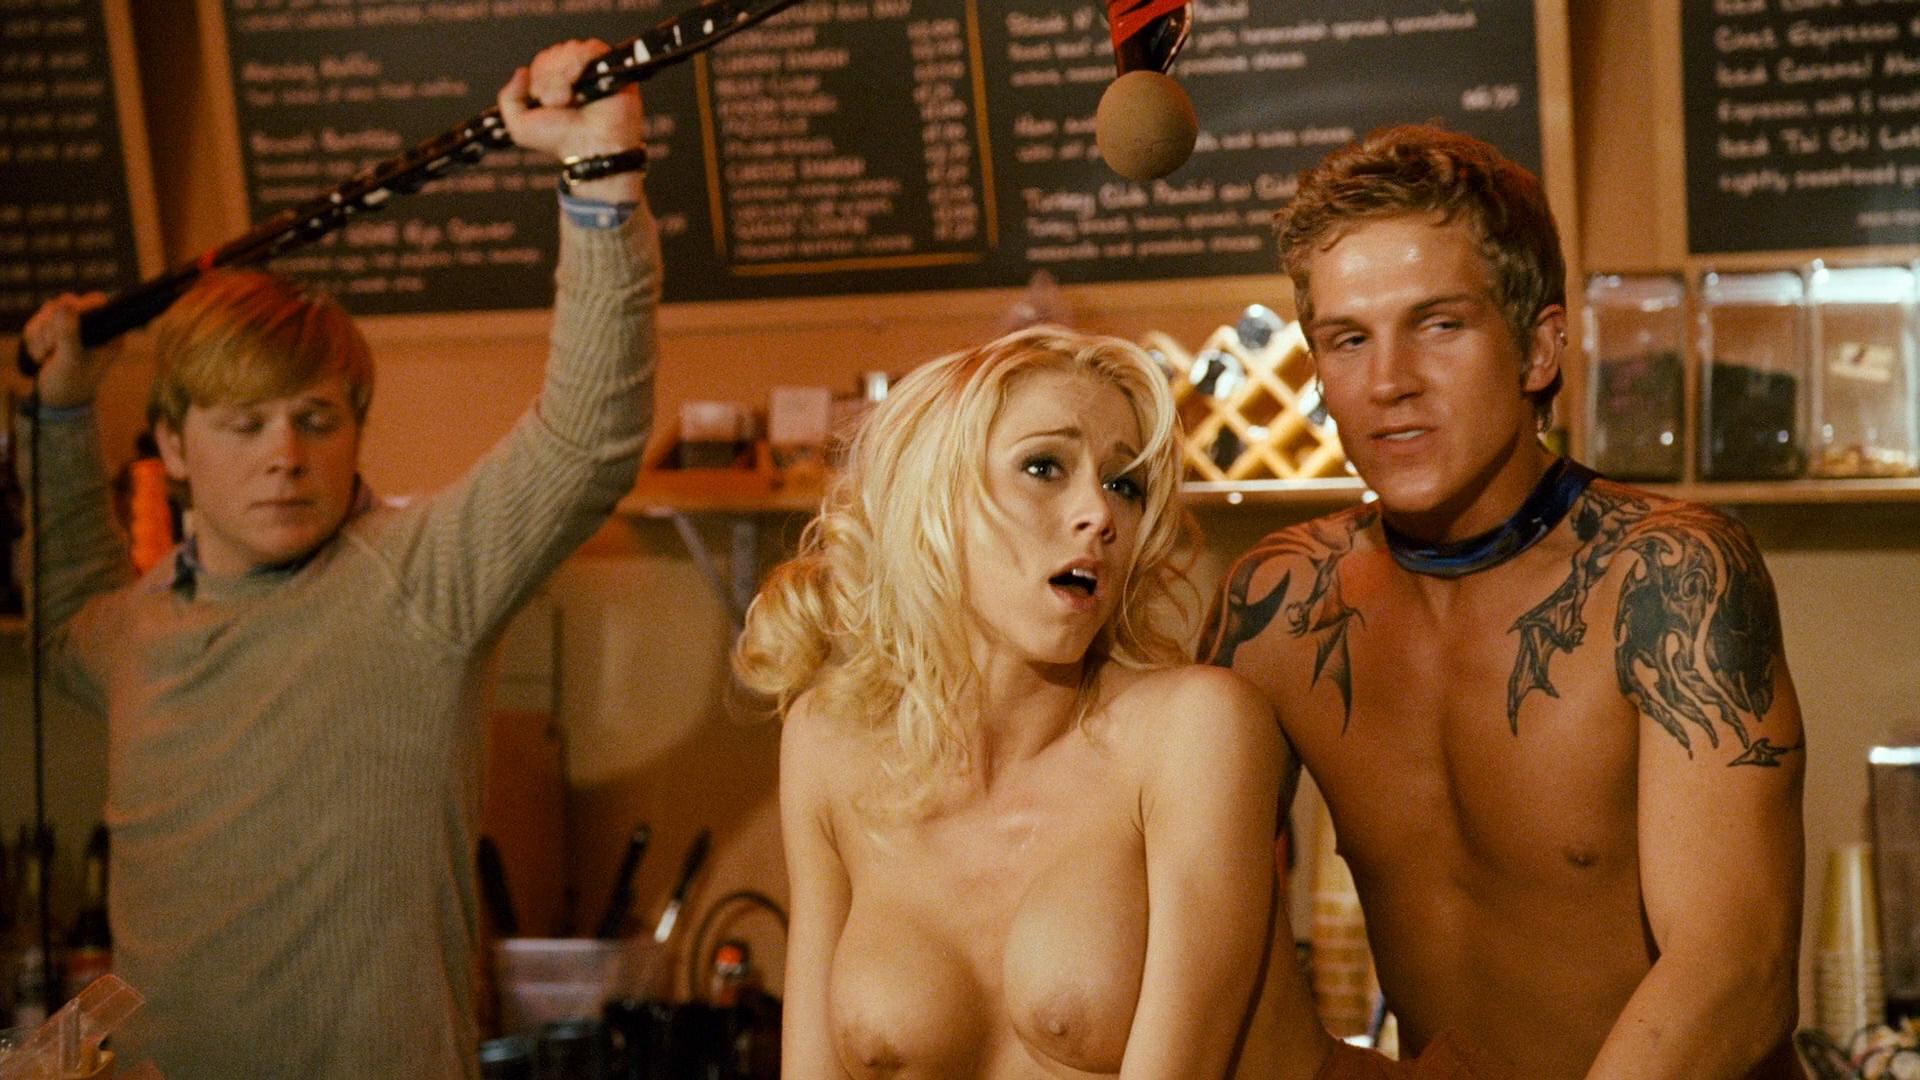 Zack and miri make a porno nude scene